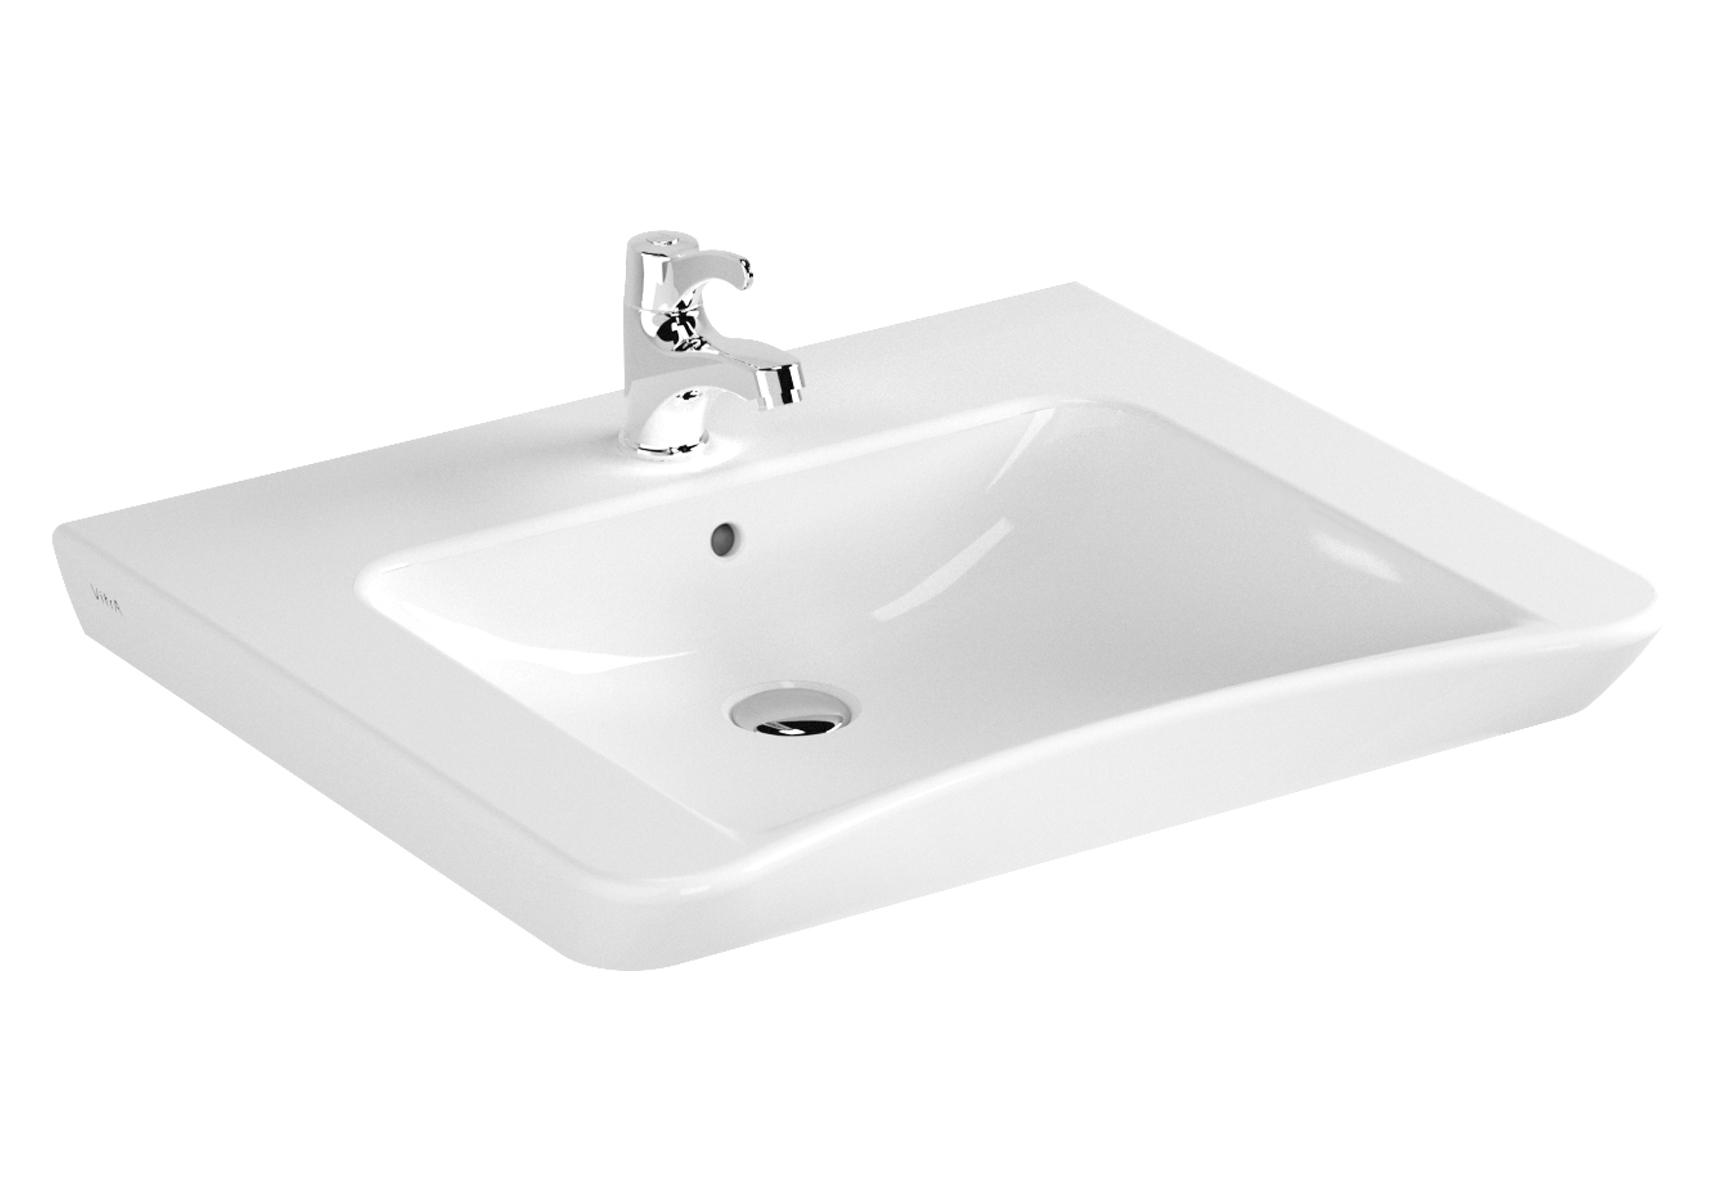 Conforma lavabo PMR, 65 cm, sans trou de robinet, sans trou de trop-plein